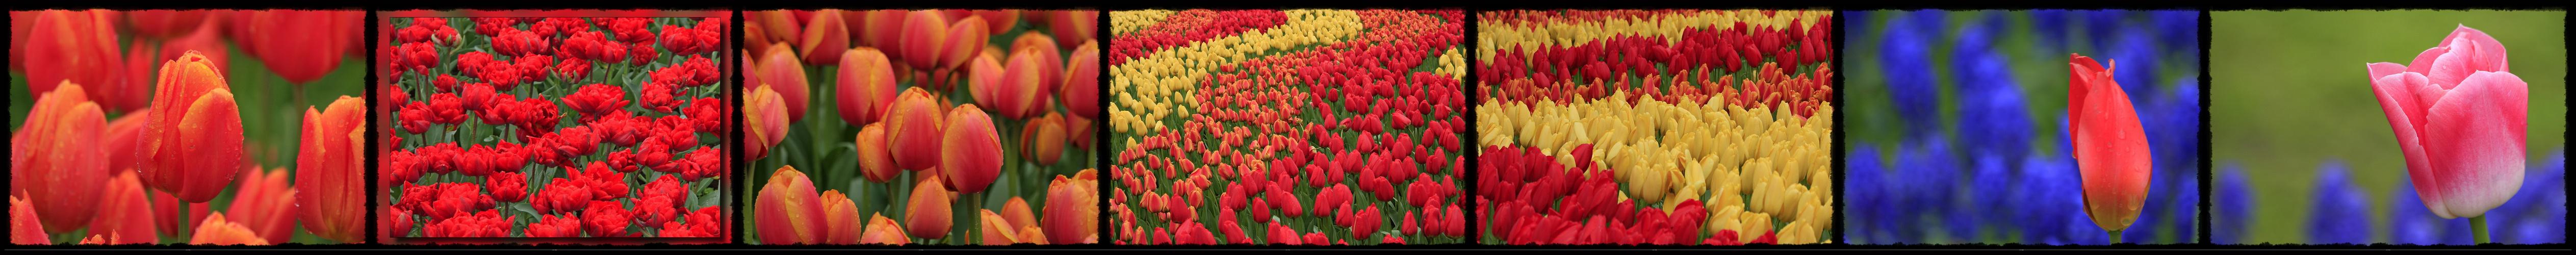 Frühling............